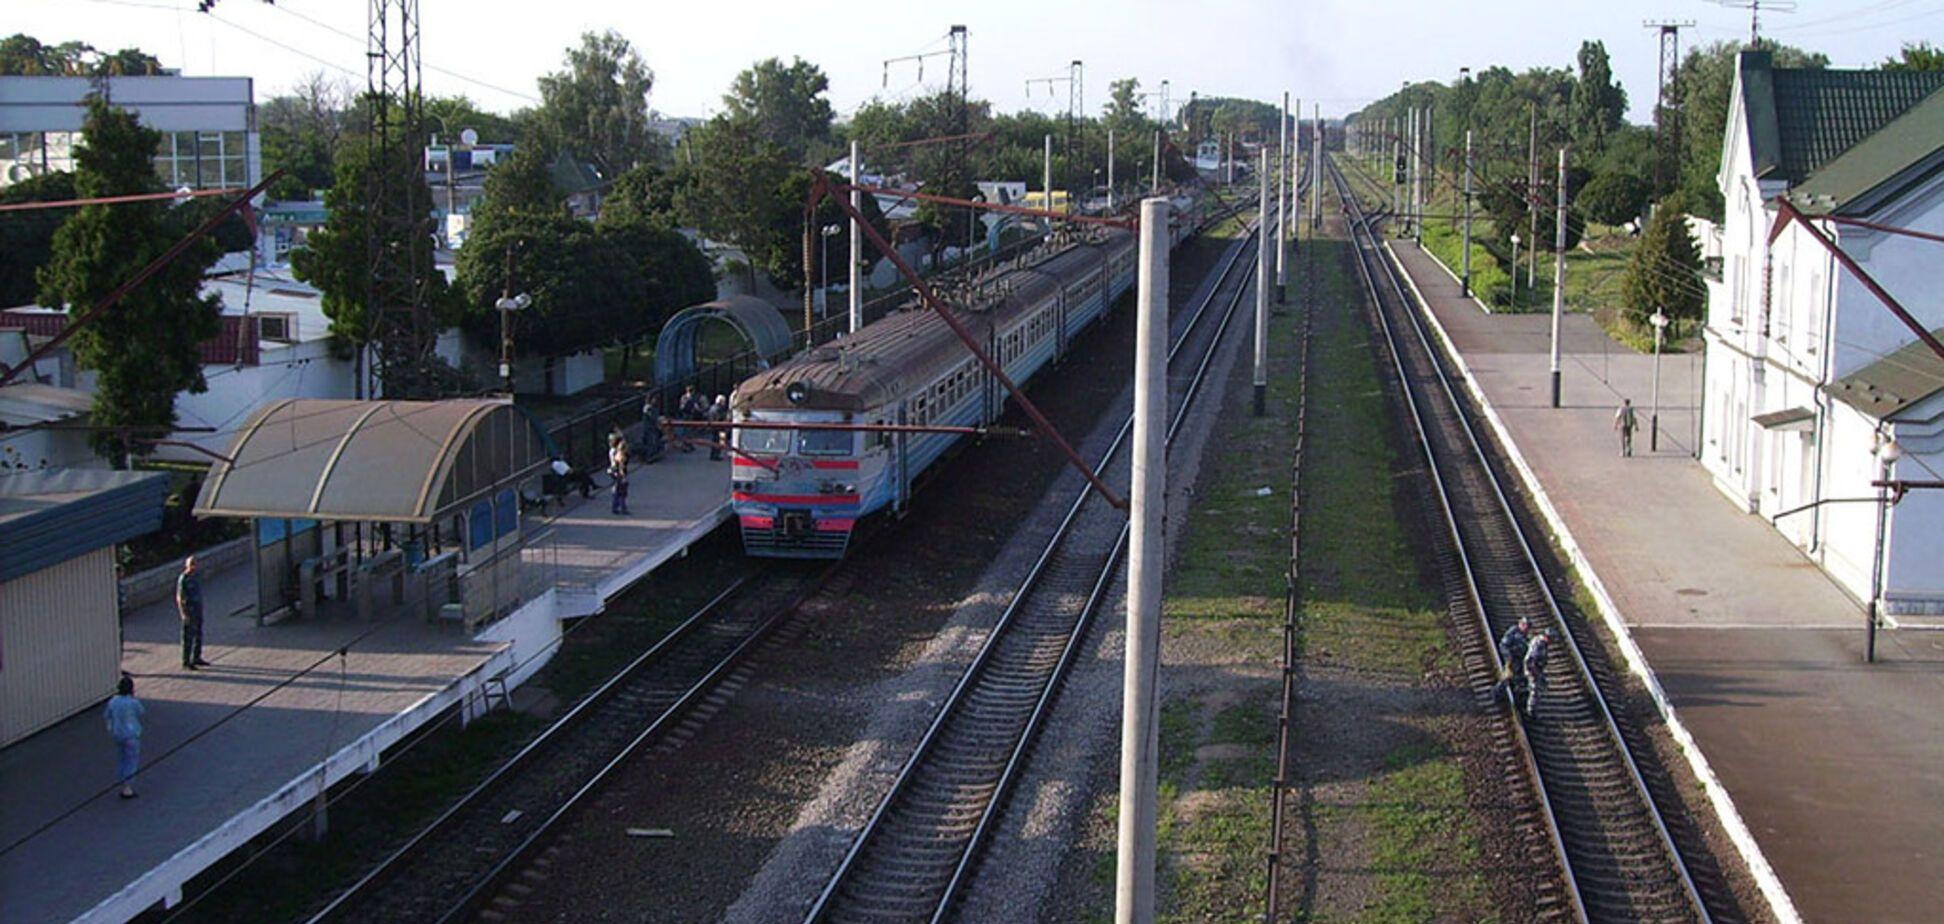 Отрезало ноги: всплыли детали жуткого ЧП на ж/д станции под Киевом